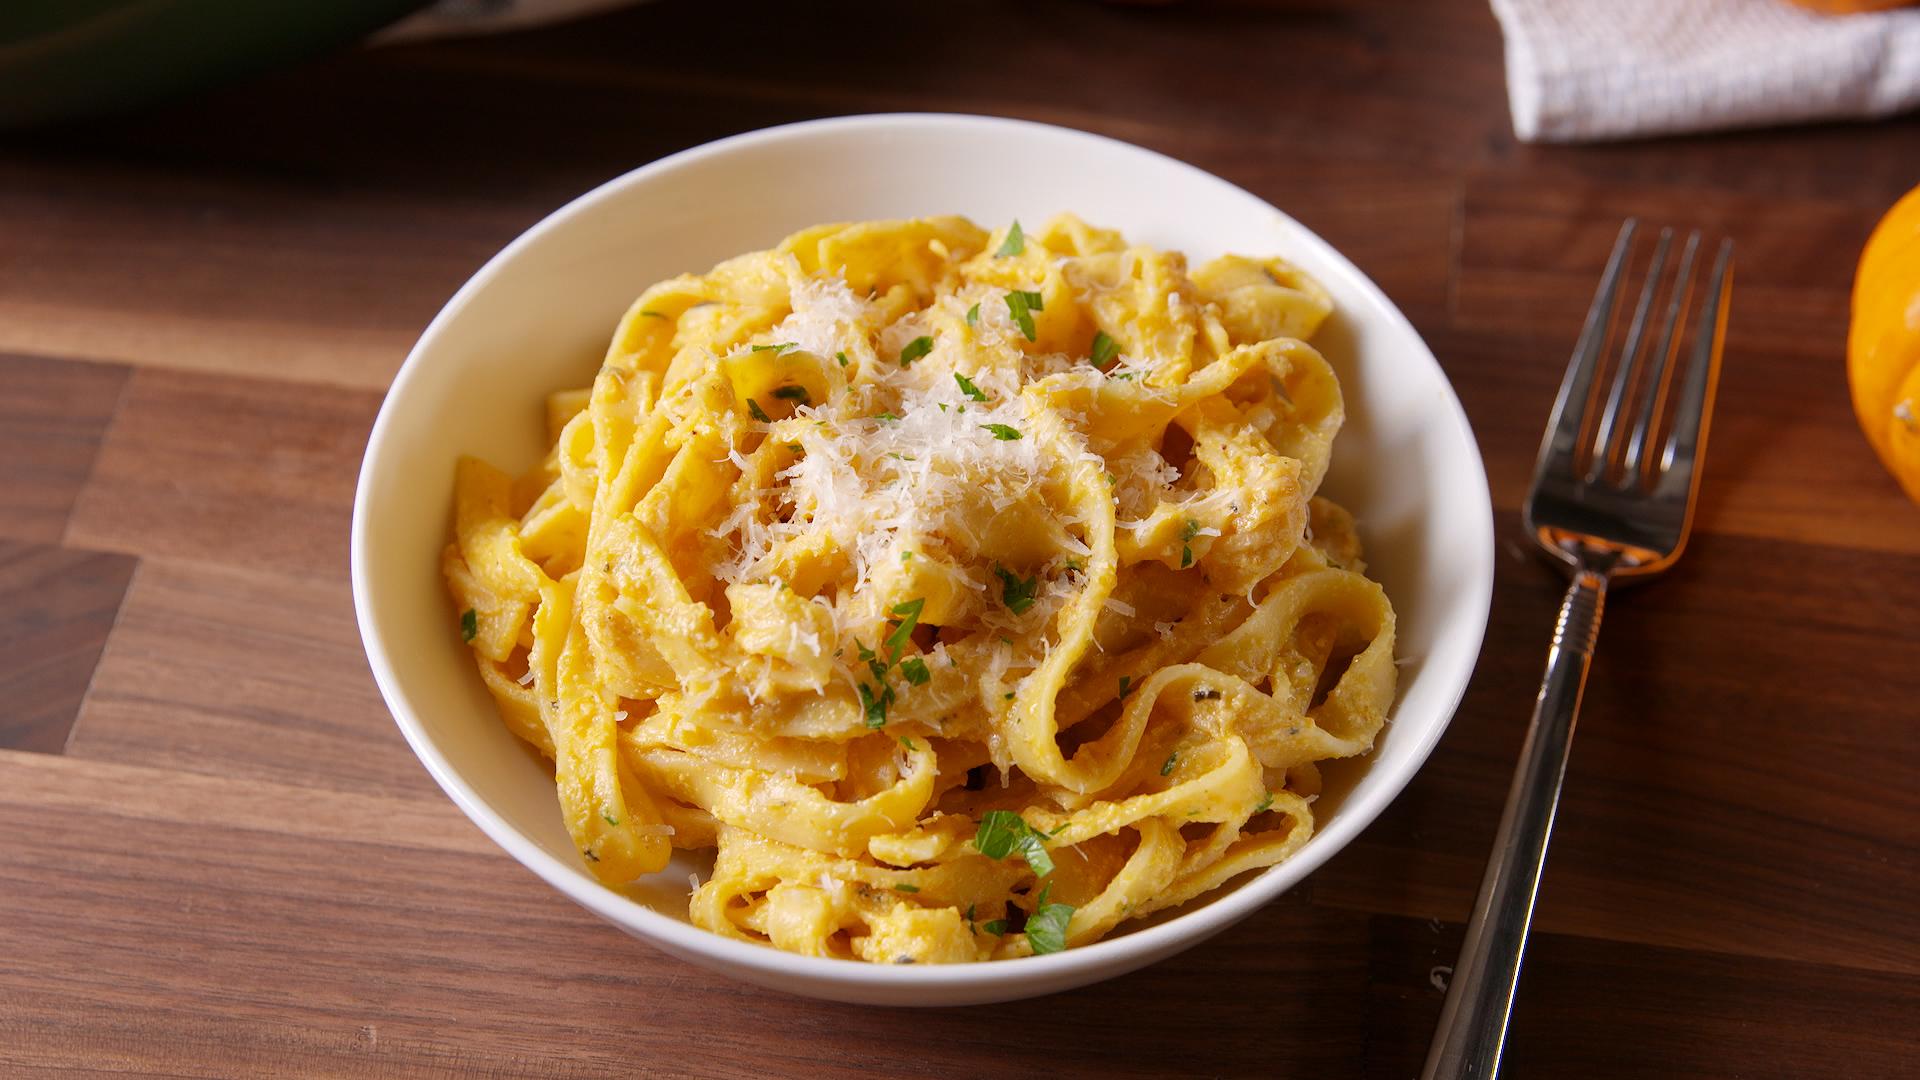 20+ Healthy Fall Recipes - Healthiest Autumn Meals —Delish.com